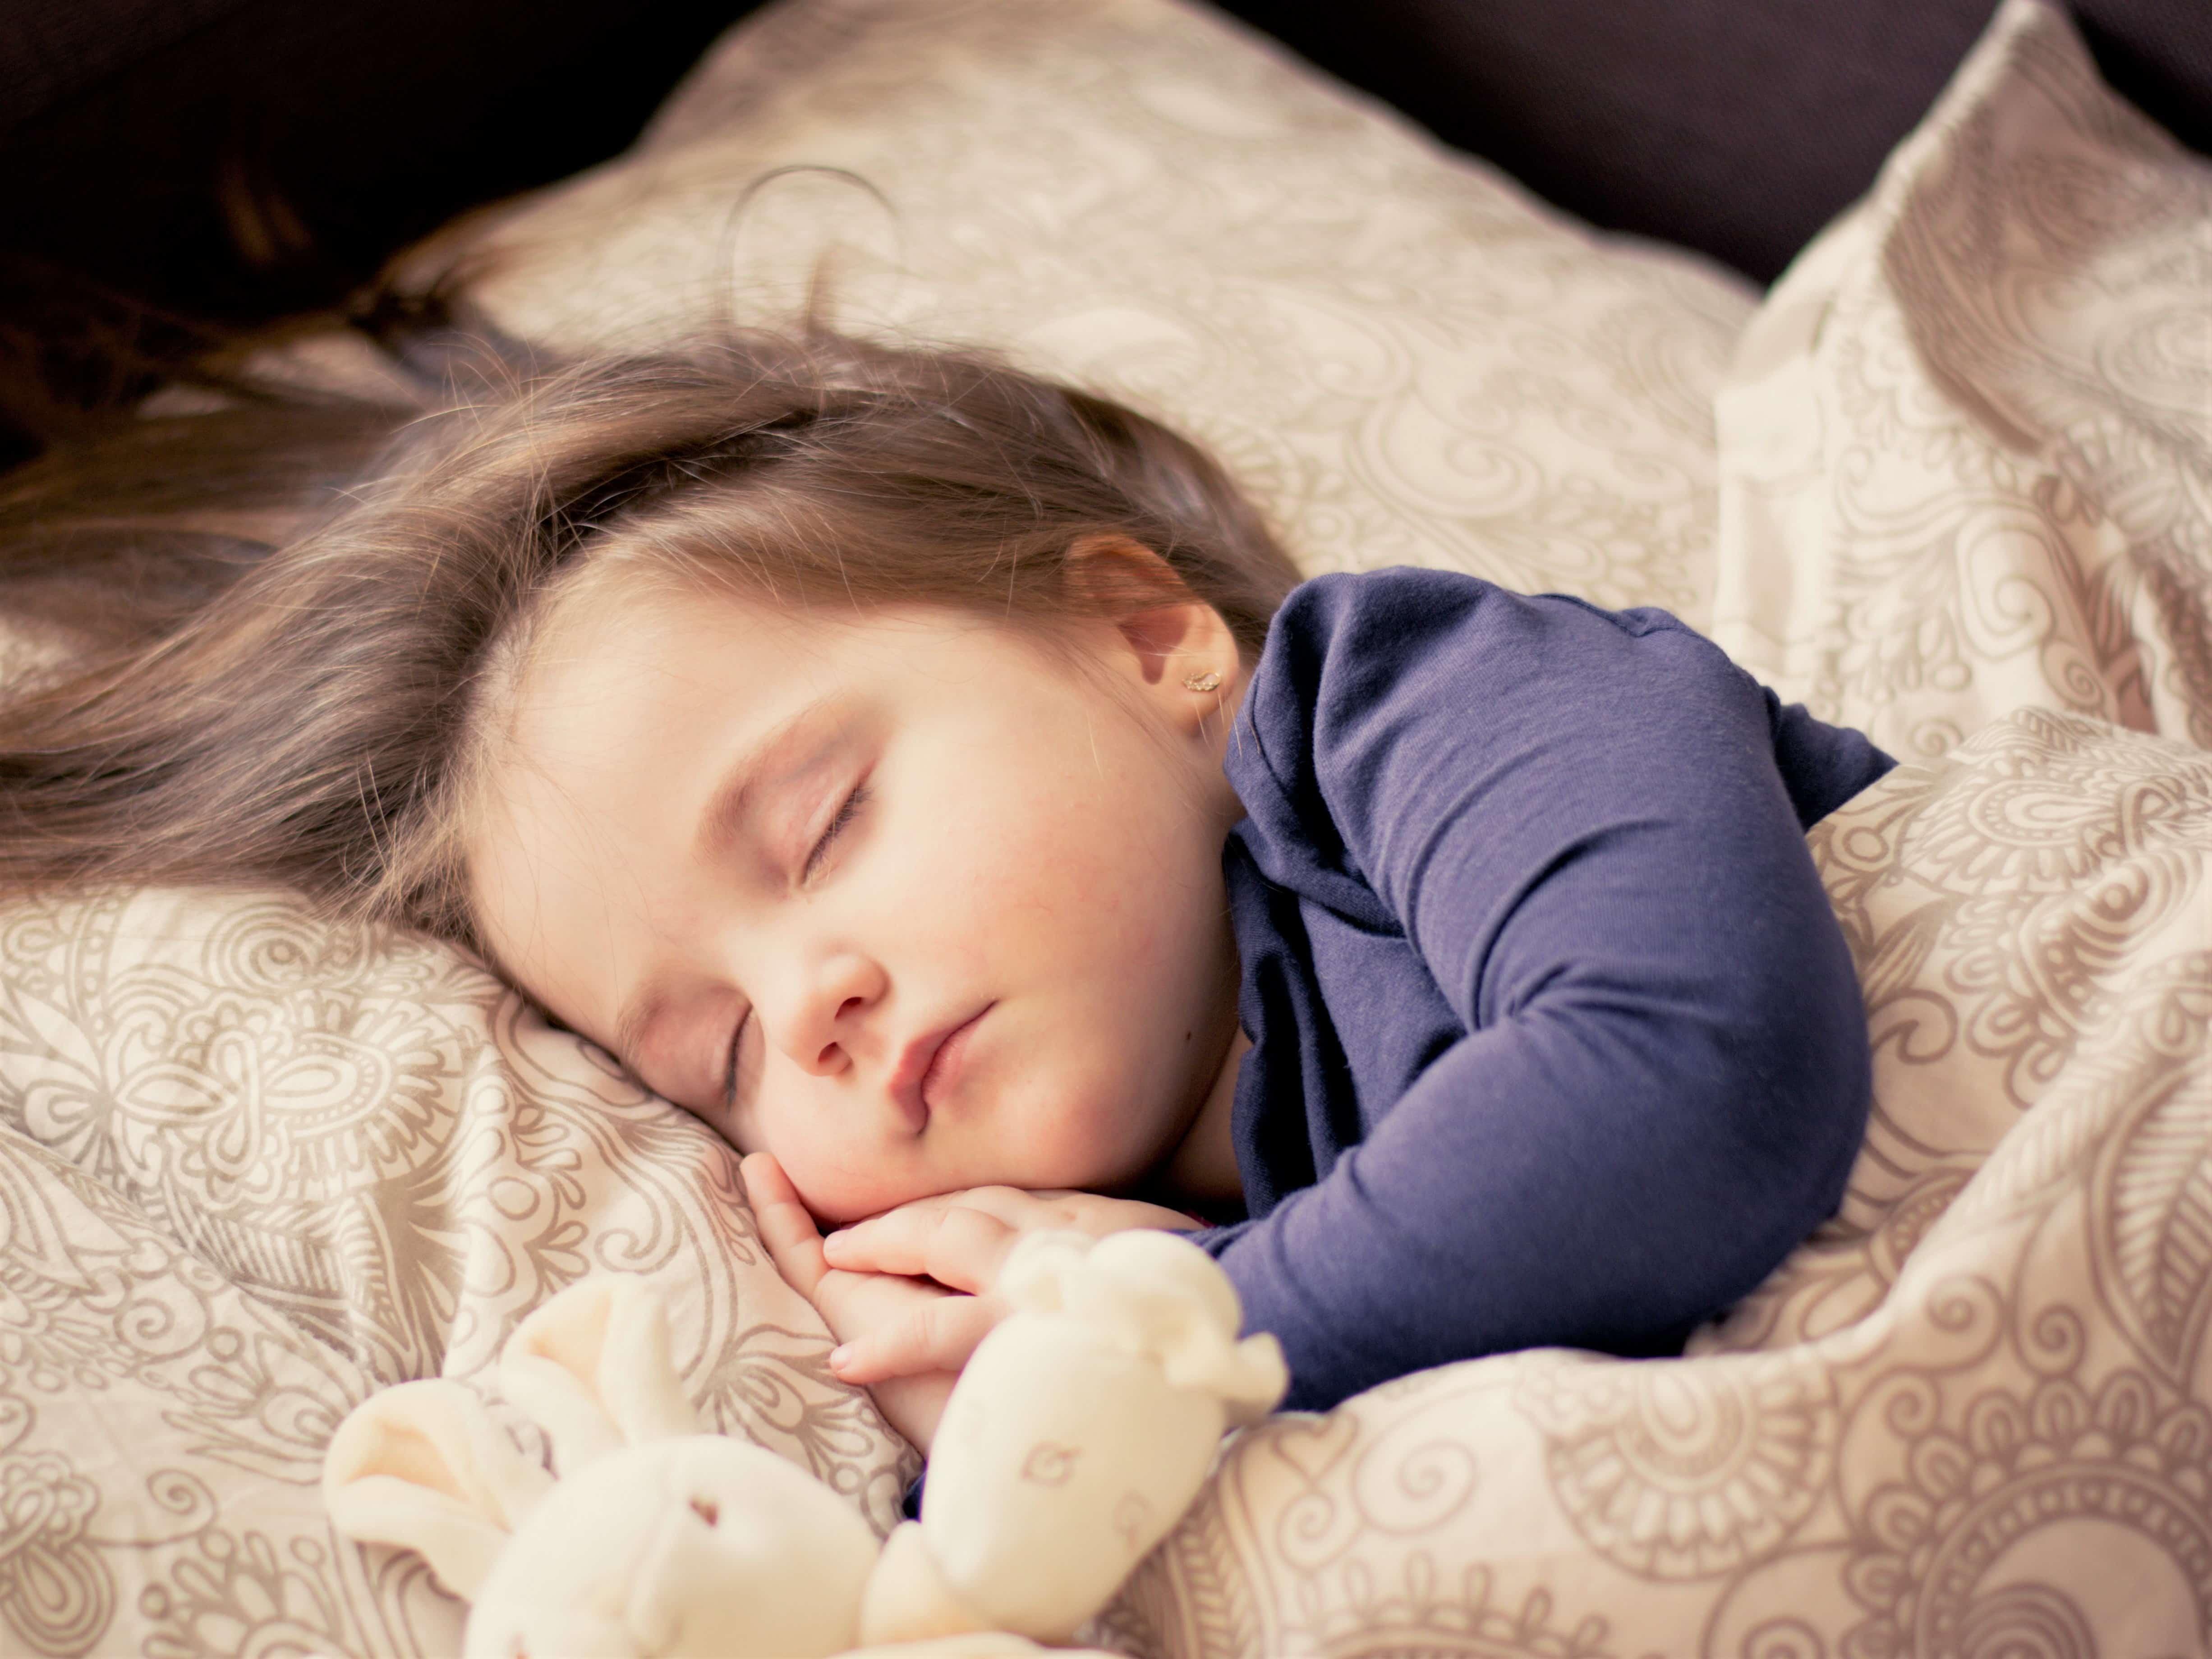 うさぎの人形と眠る女の子